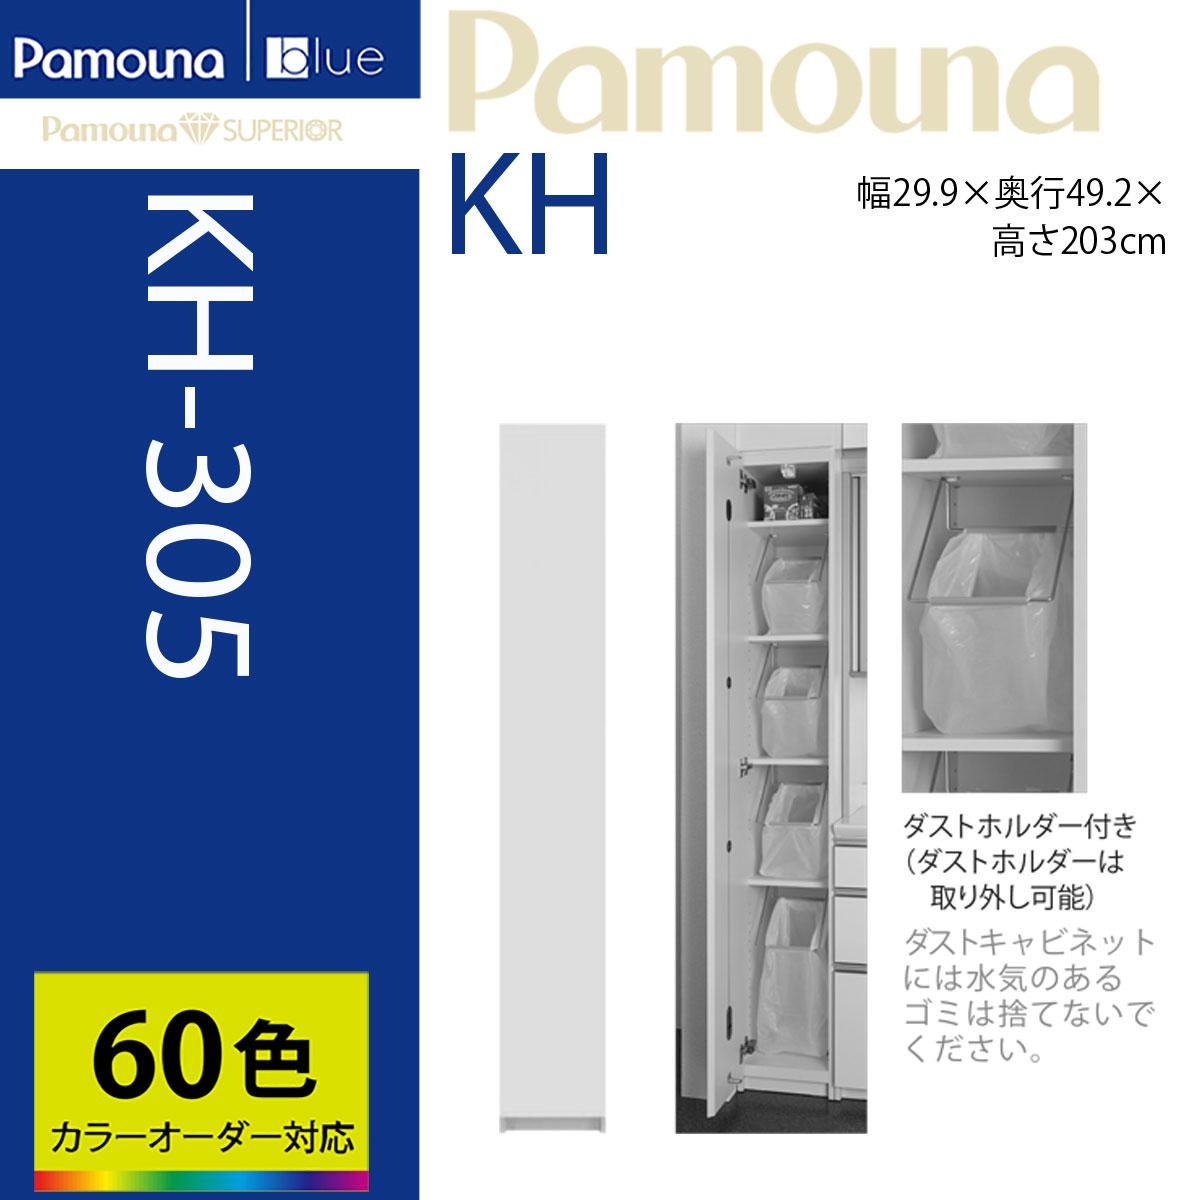 パモウナ KH/RH ダストキャビネット 【幅29.9×奥行49.2×高さ198cm】 パールホワイト カラーオーダー KH-305